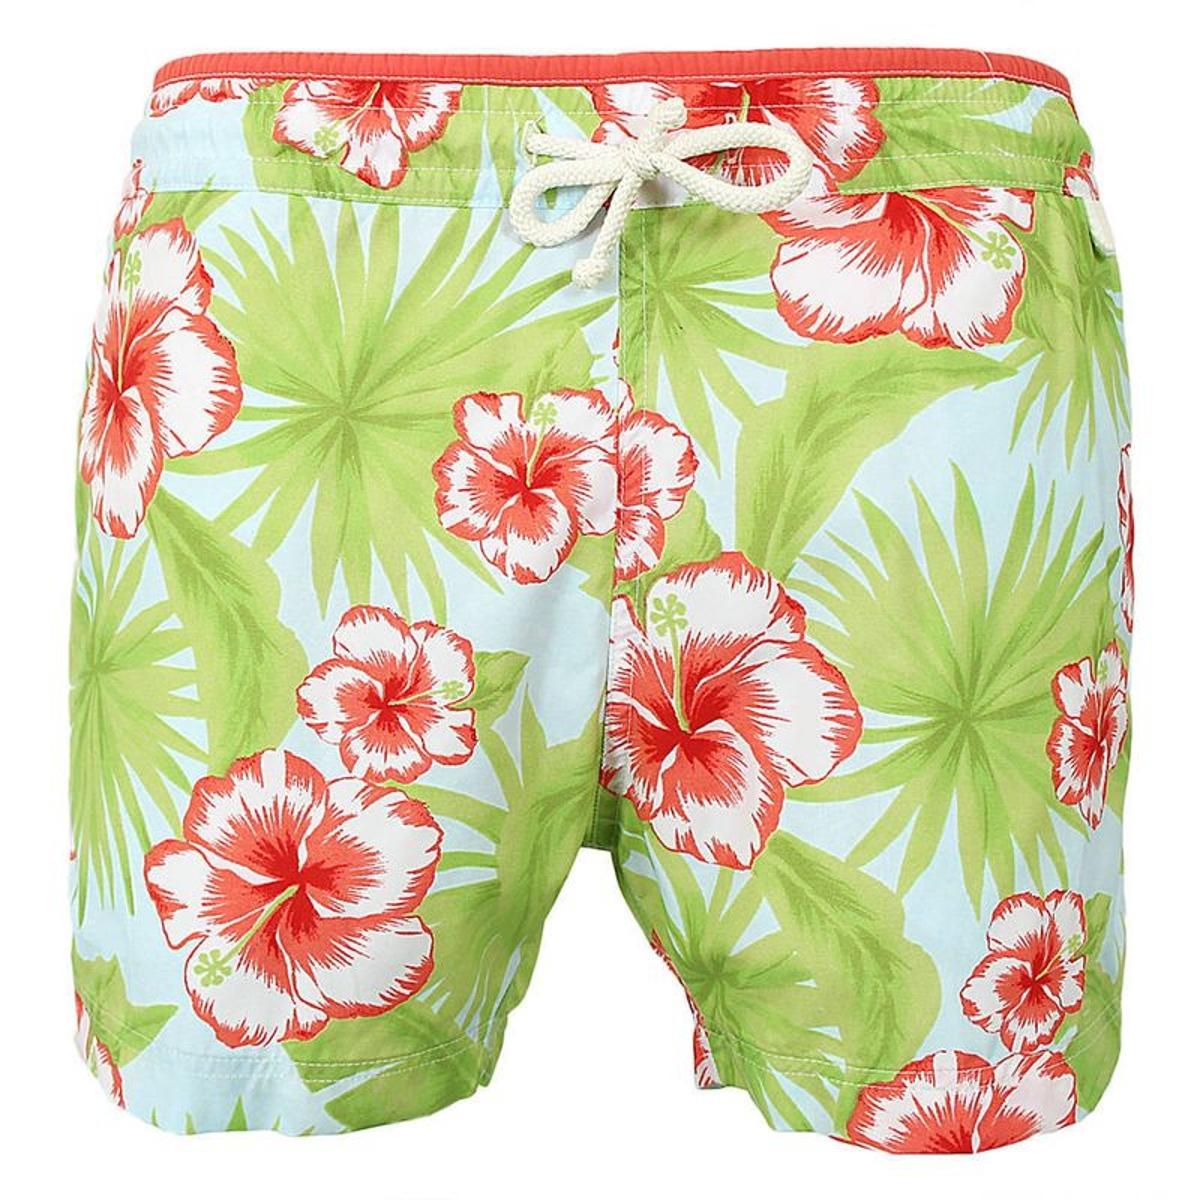 Maillot Short de bain homme New Jim Pastel flower vert et rose